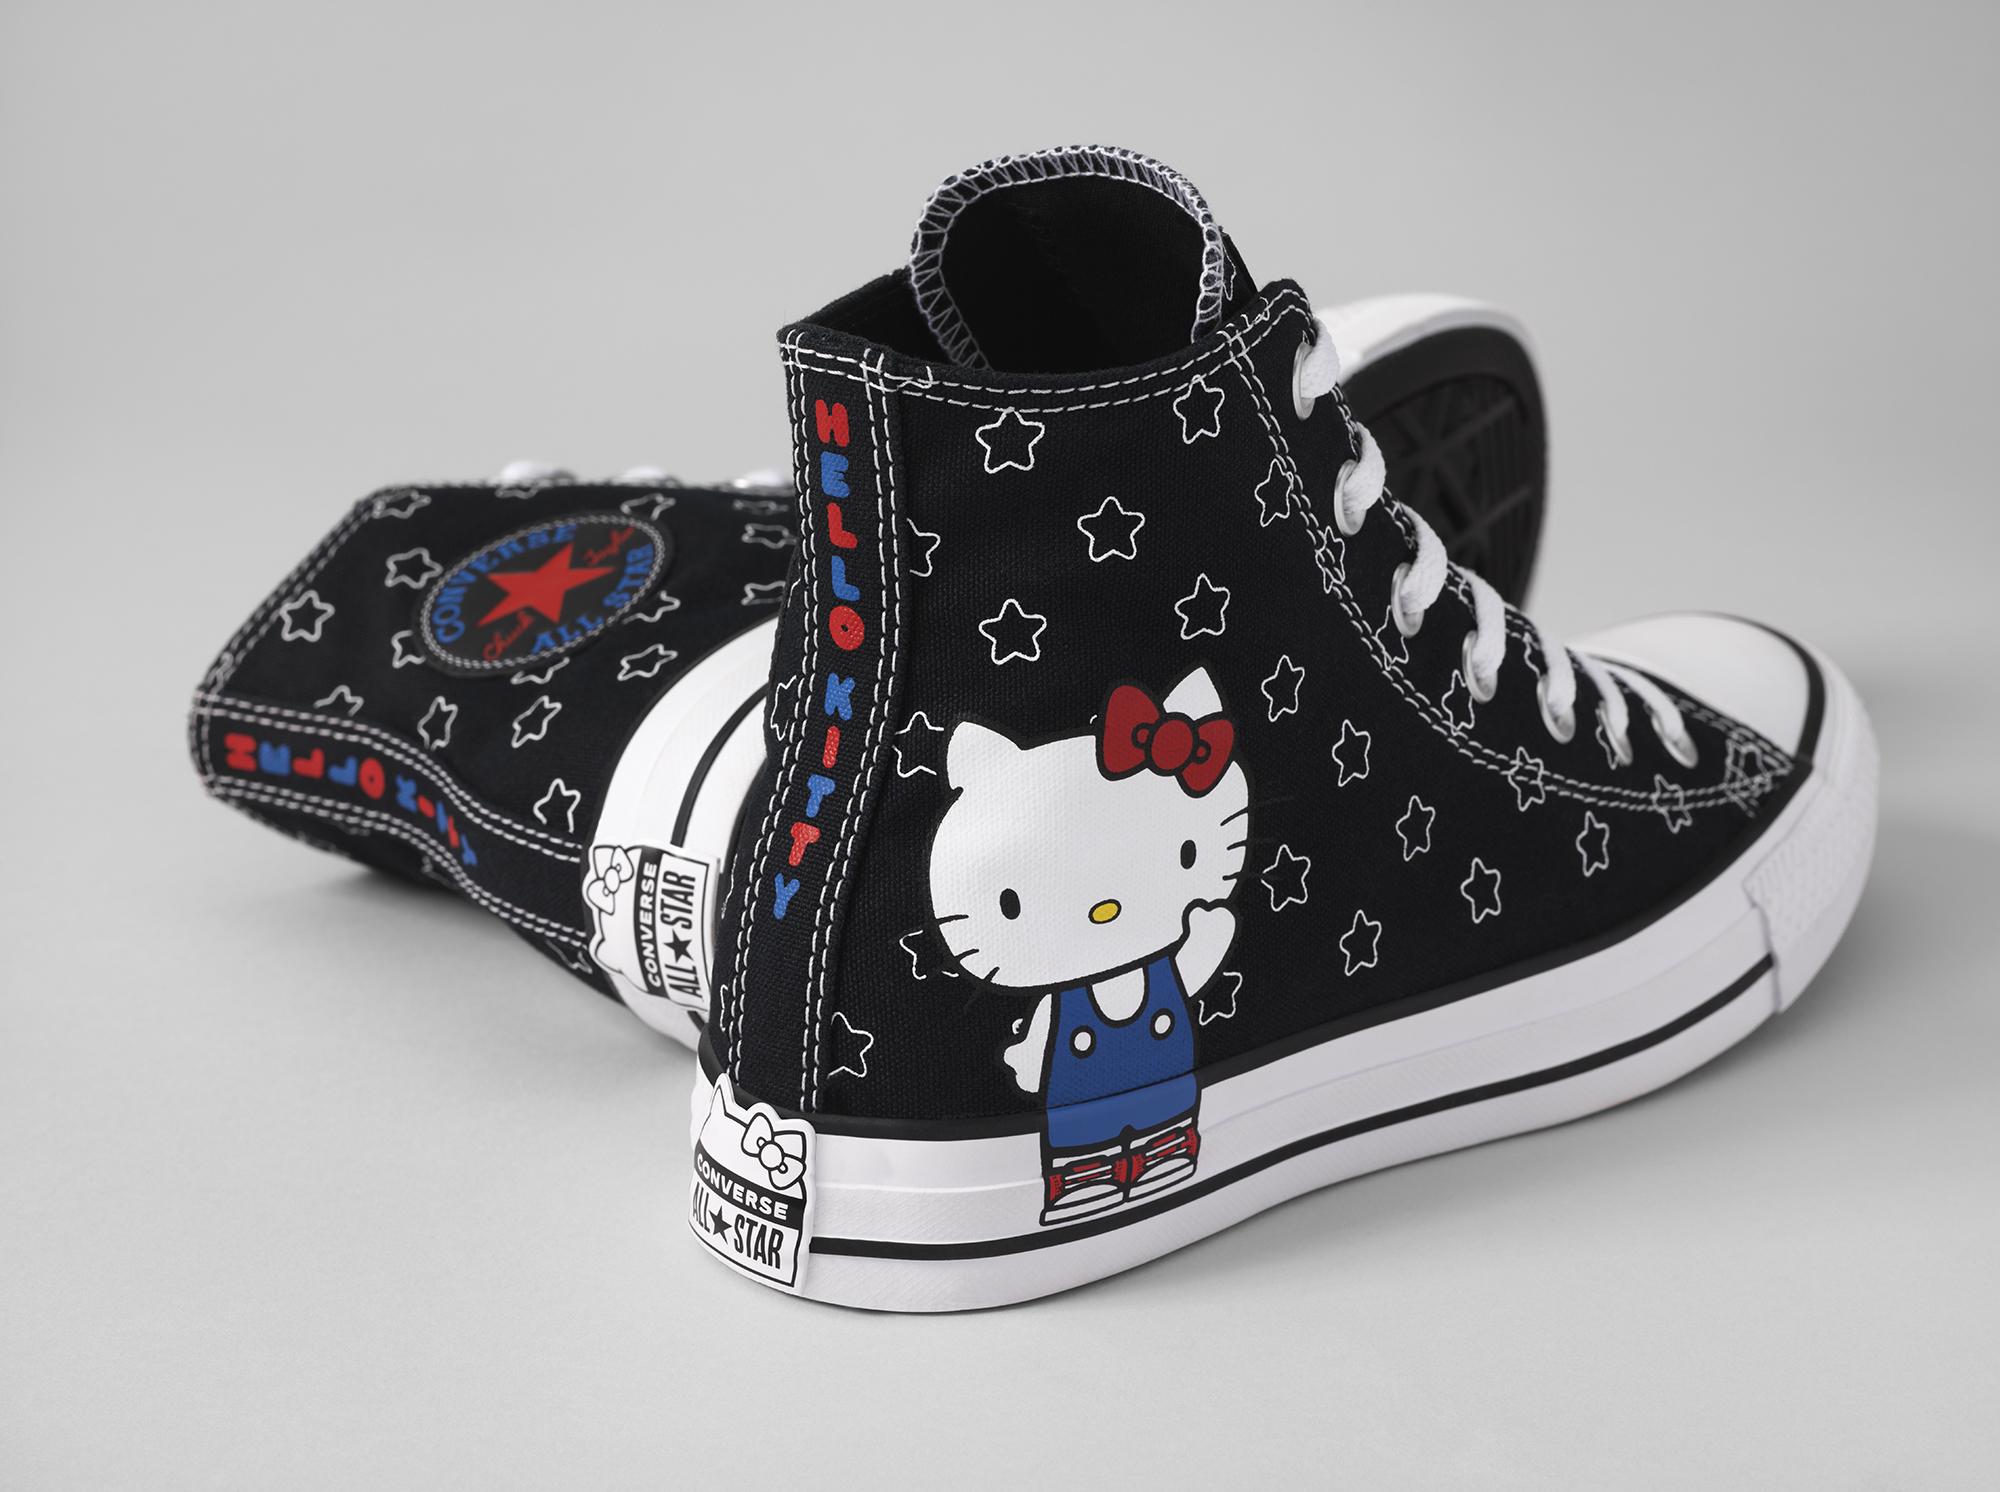 thương hiệu Converse tái ra mắt phiên bản giới hạn với bộ collab Converse x Hello Kitty 8